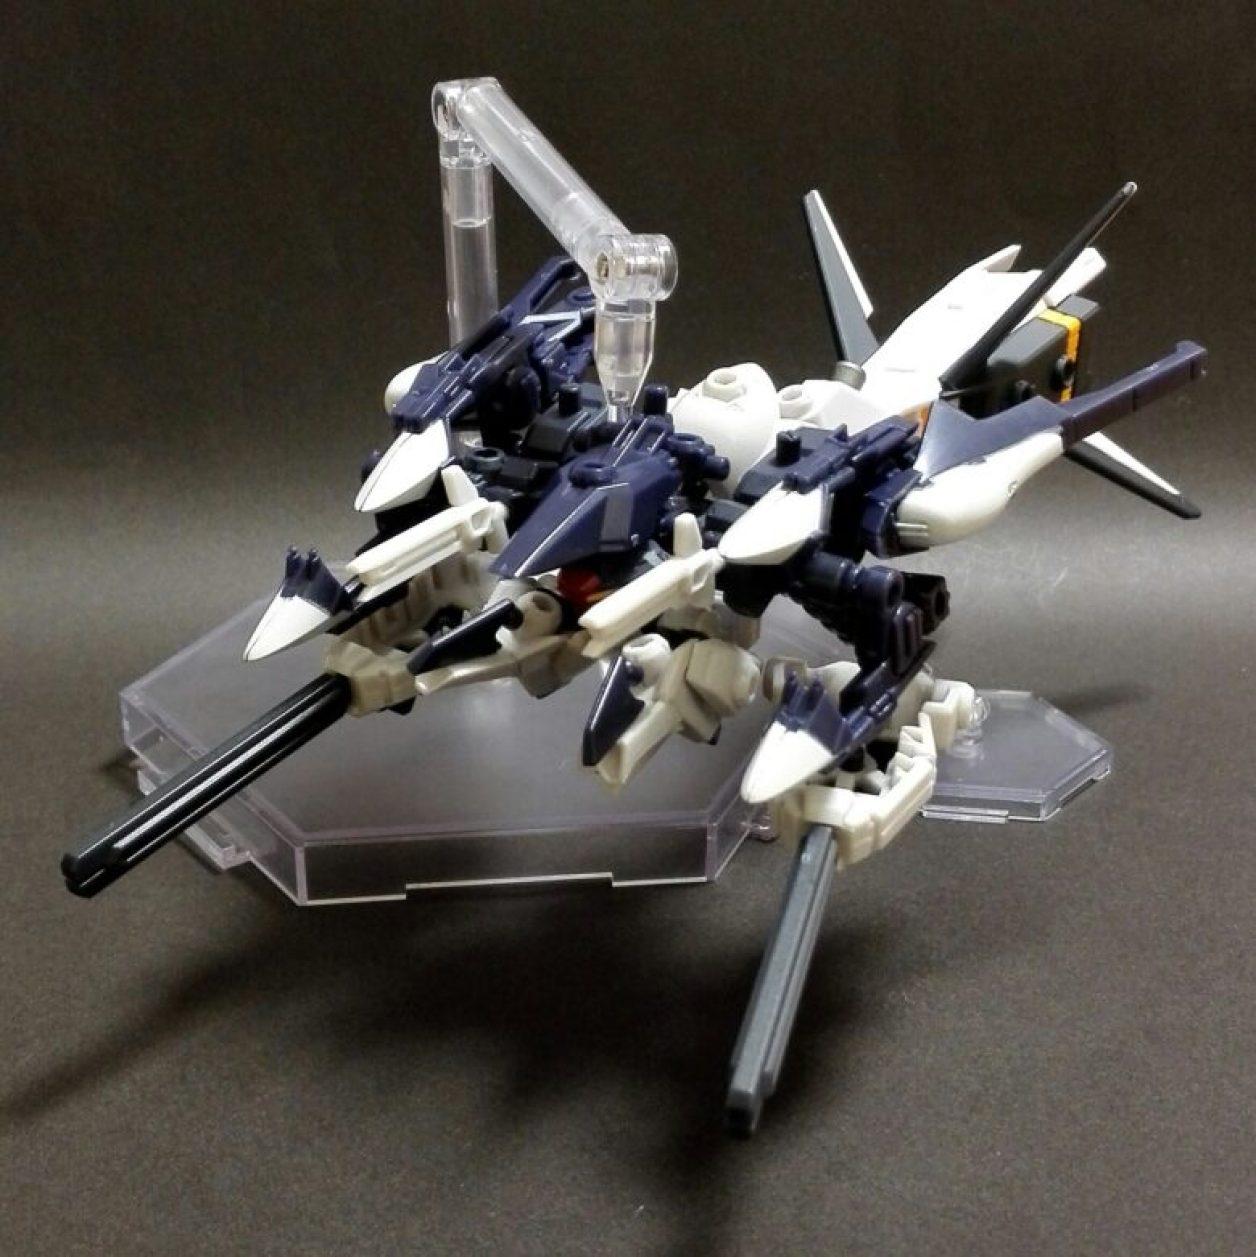 MOBILE SUIT ENSEMBLE 08弾のハイゼンスレイIIとフルドドIIと武器セット、EX03弾のギャプラン・ブースターの組み合わせからハイゼンスレイII・ラー(第二形態/巡航形態)のMS(モビルスーツ)形態とMA(モビルアーマー)形態の画像